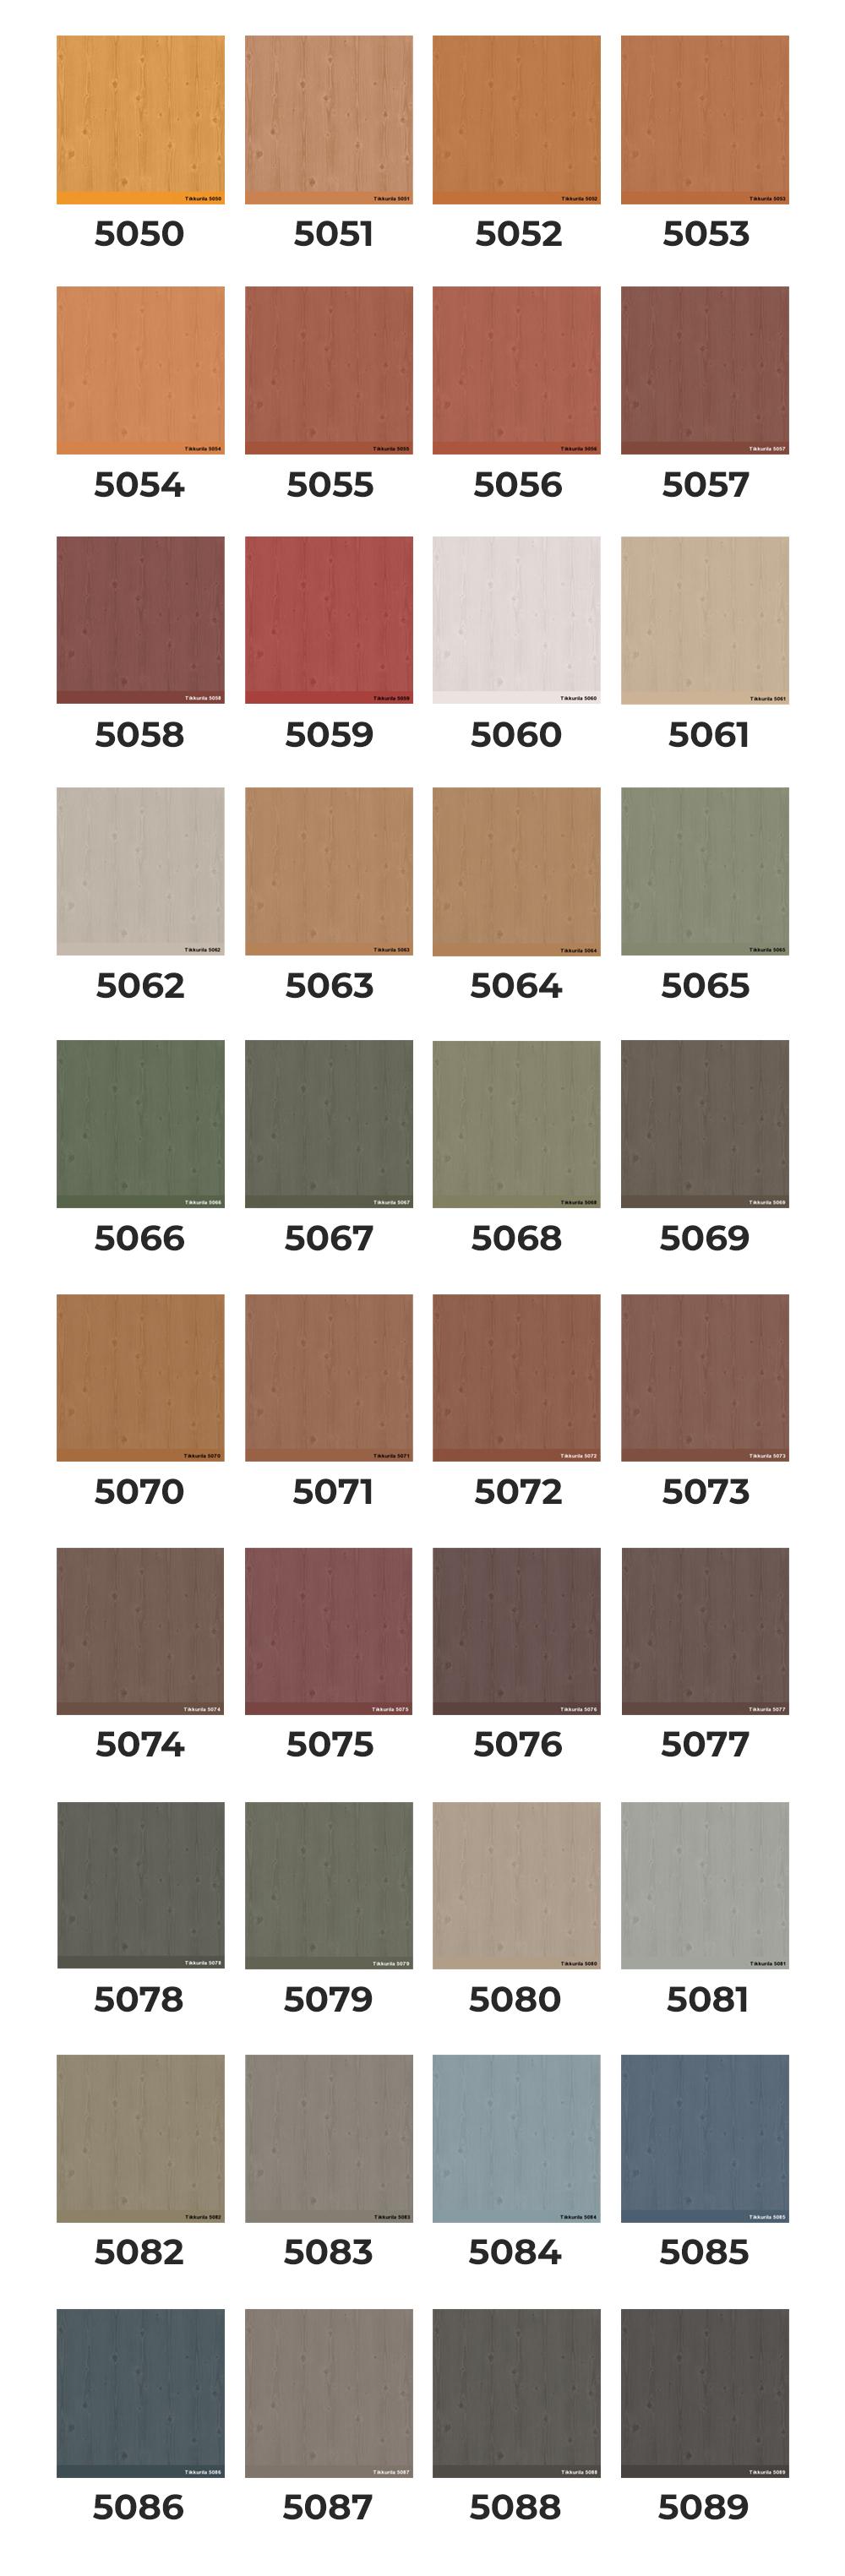 Kolory do wyboru malowania zewnętrznego saun. Sauny i balie ogrodowe produkcji SaunaGarden/HighContrast